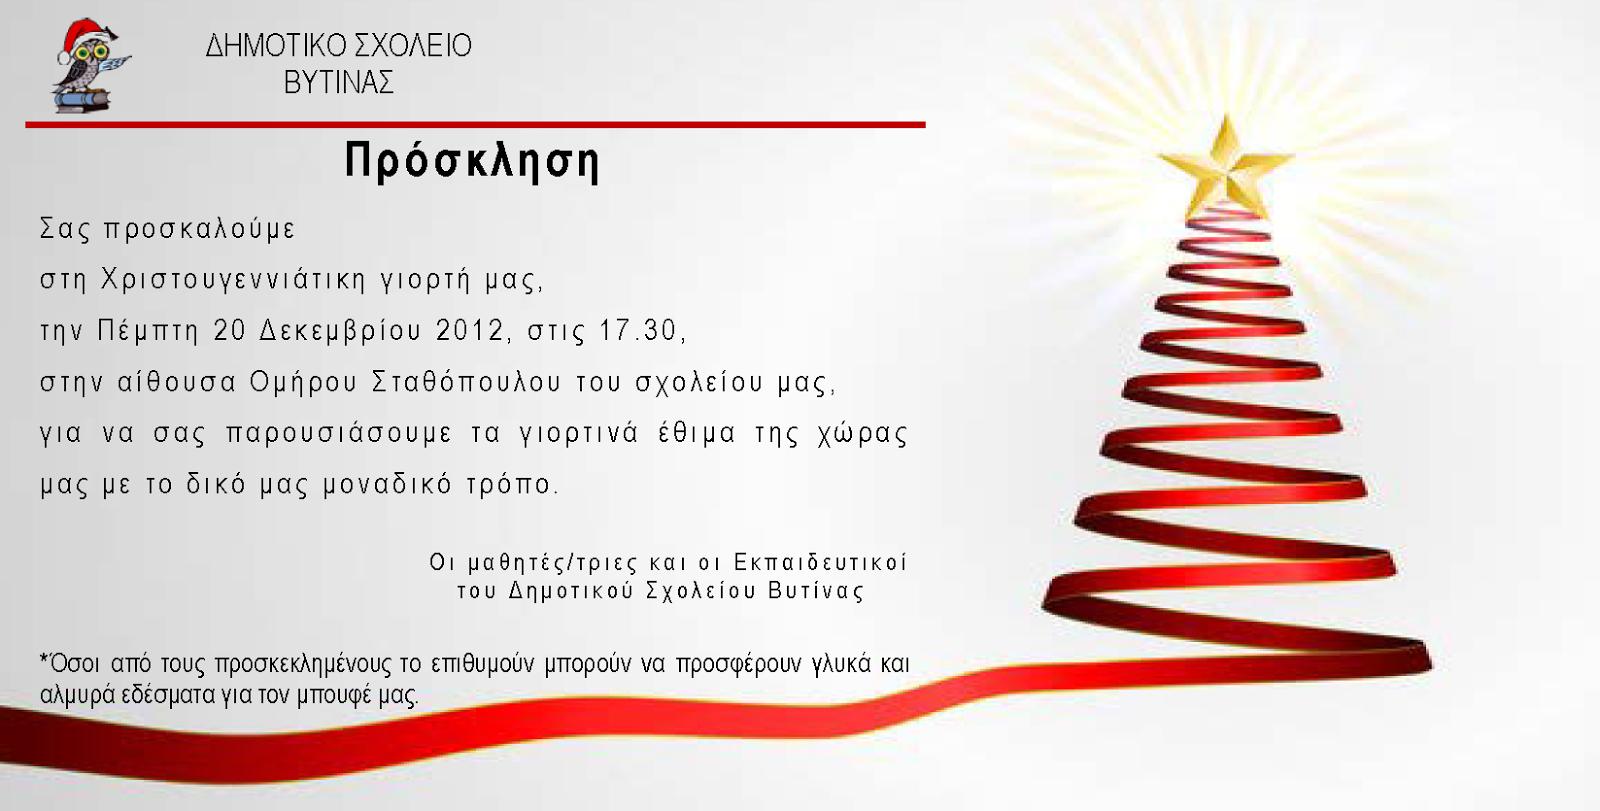 Πρόσκληση για τη χριστουγεννιάτικη